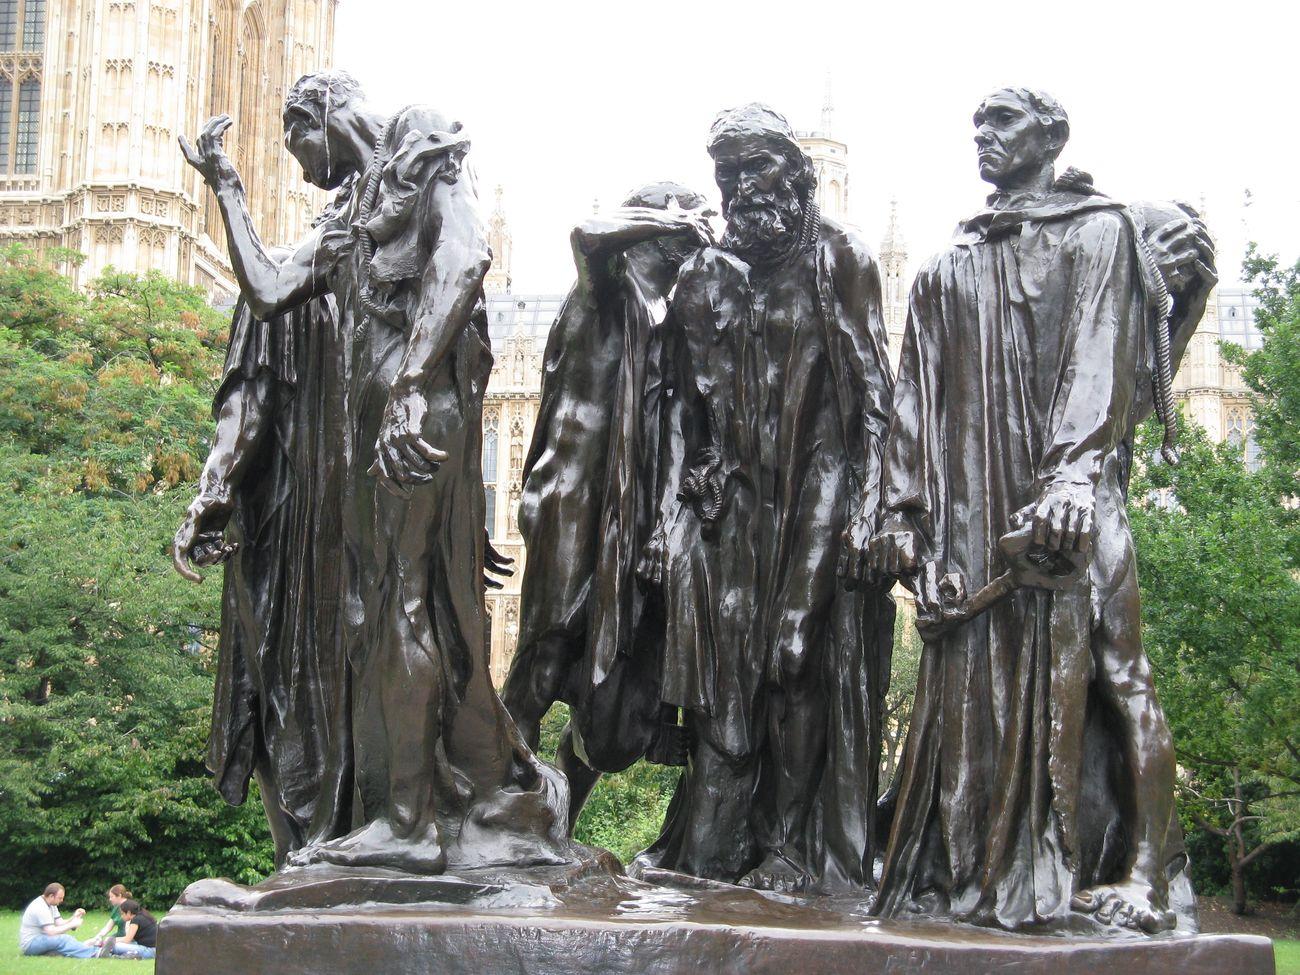 Auguste Rodin, Les Bourgeois de Calais, 1895